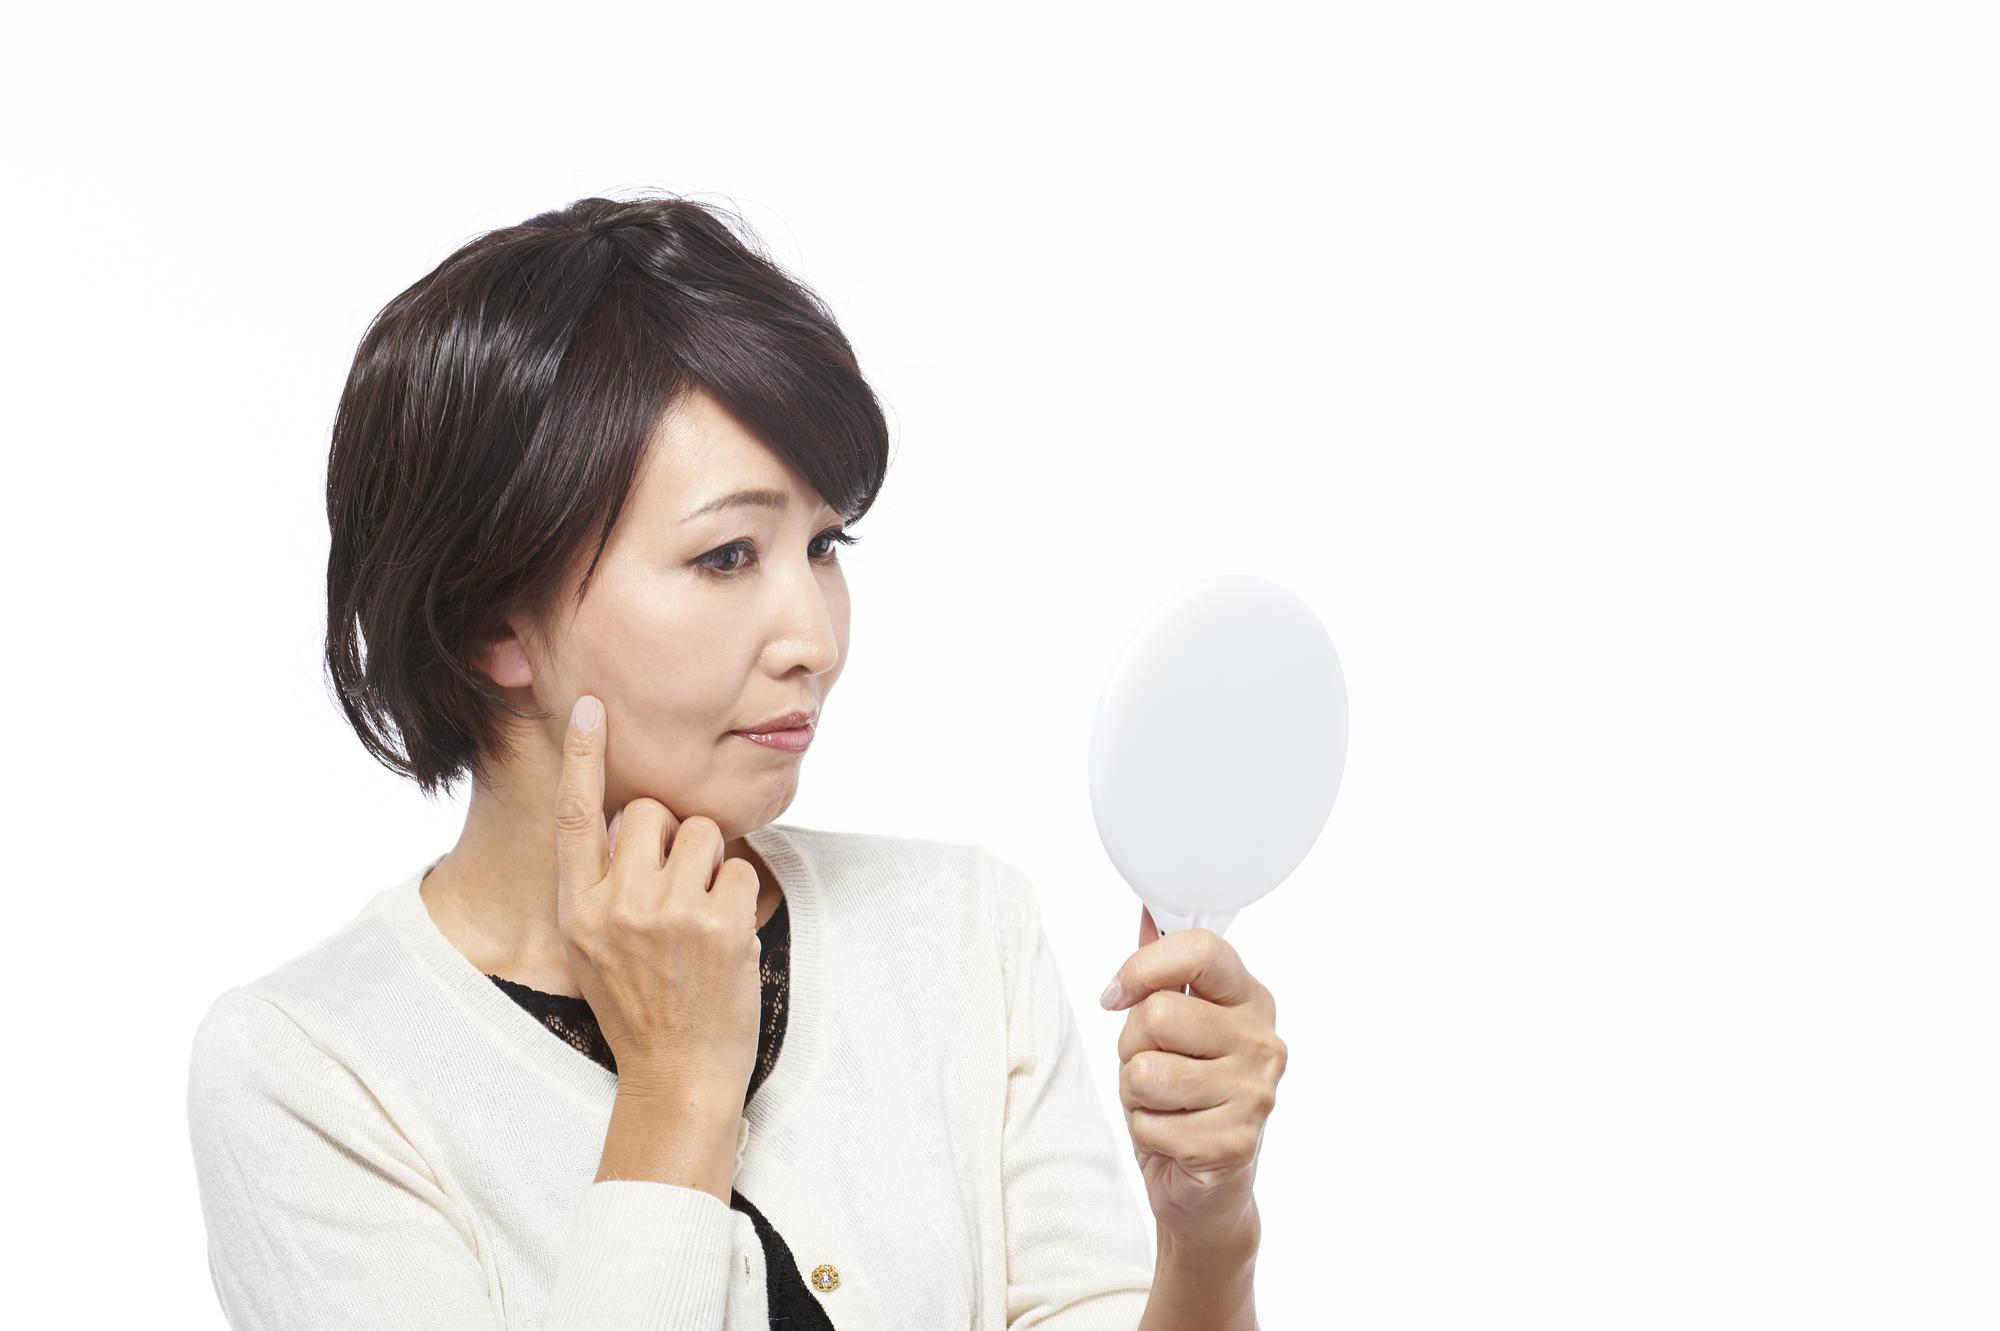 顔のシミ・シワの原因「光老化」を防ぐには?